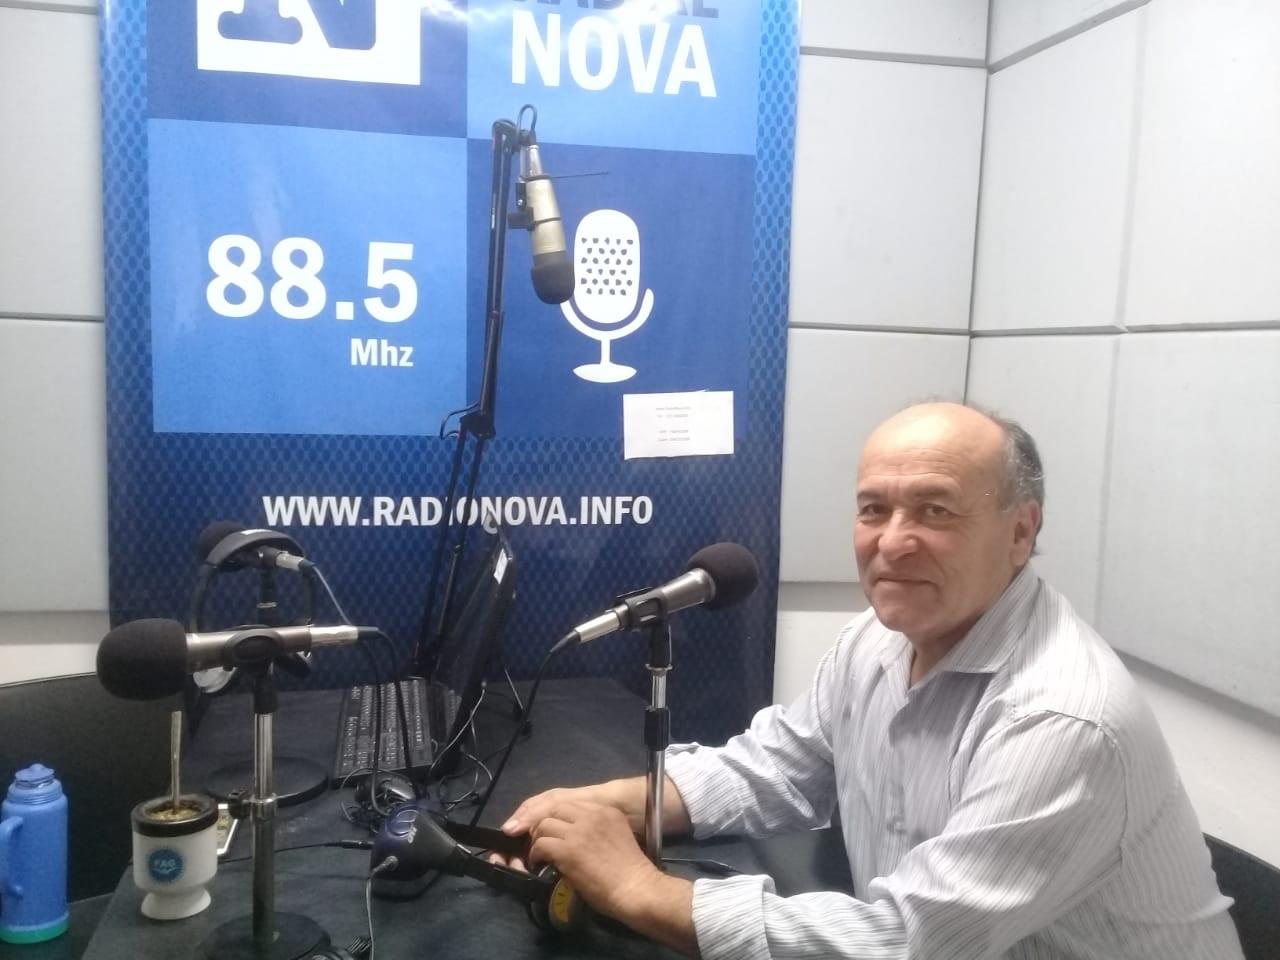 En diálogo con BerissoCiudad en Radio, el concejal de Cambiemos, Hugo Novelino, se refirió a distintos trabajos que vienen realizando y a proyectos de impacto en la comunidad.